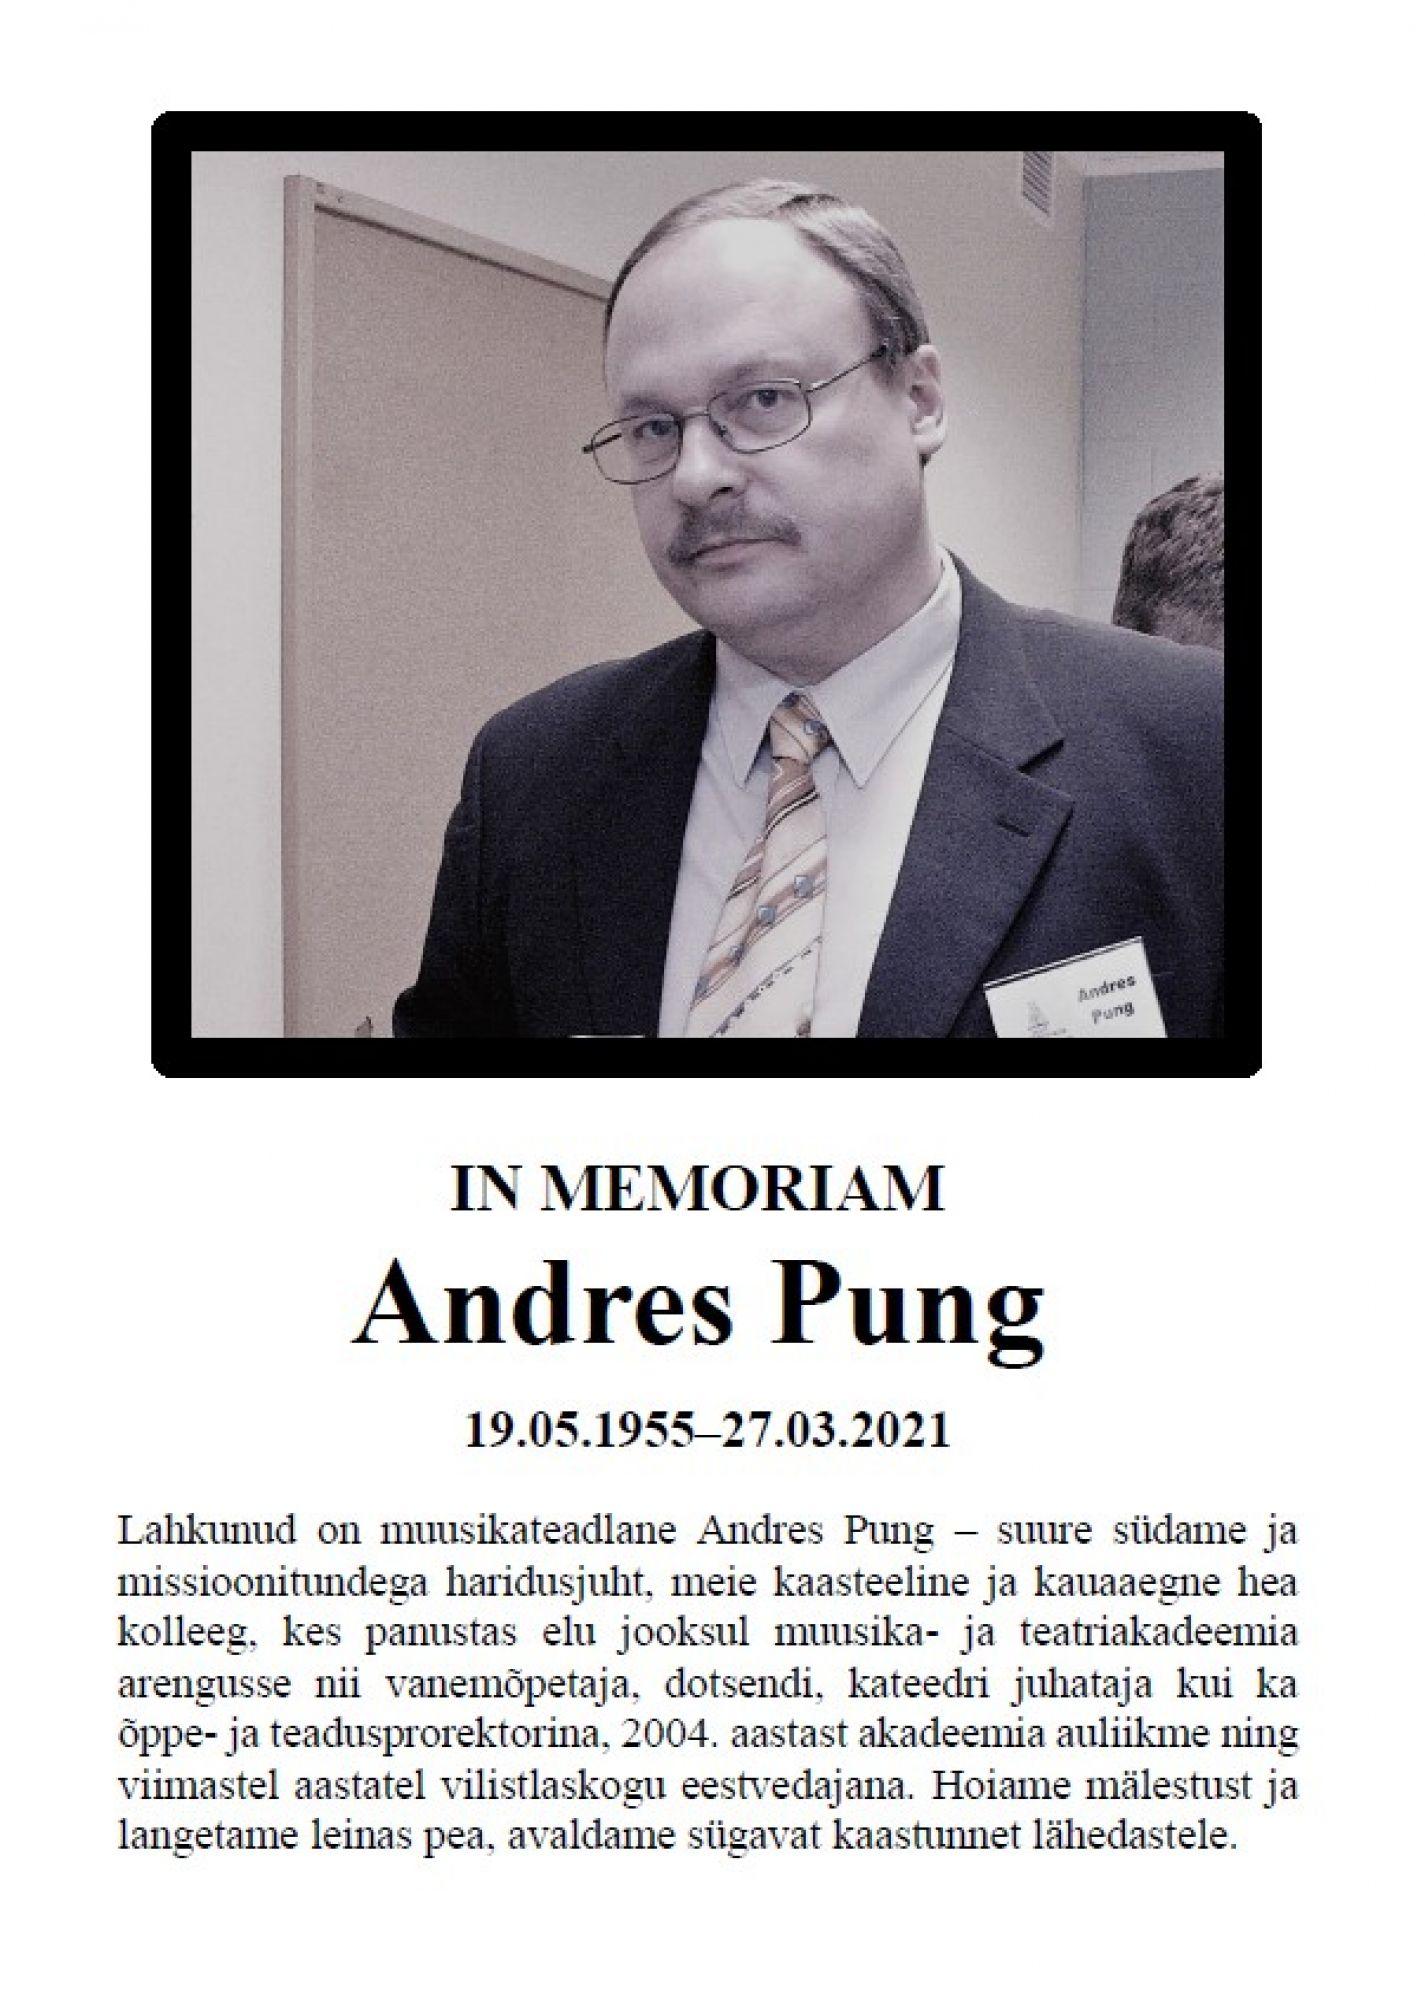 Andres Pung in memoriam